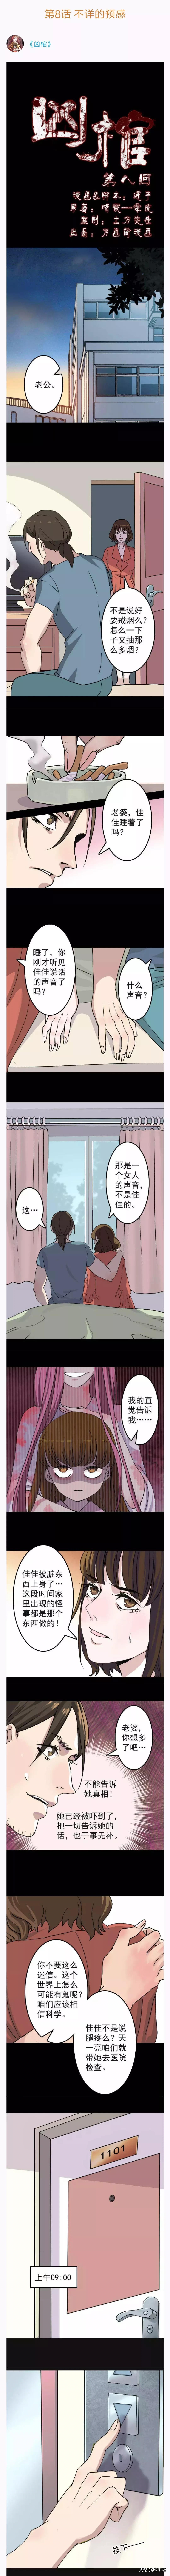 恐怖悬疑惊悚盗墓漫画小说《凶棺》连载-第八章:不详的预感